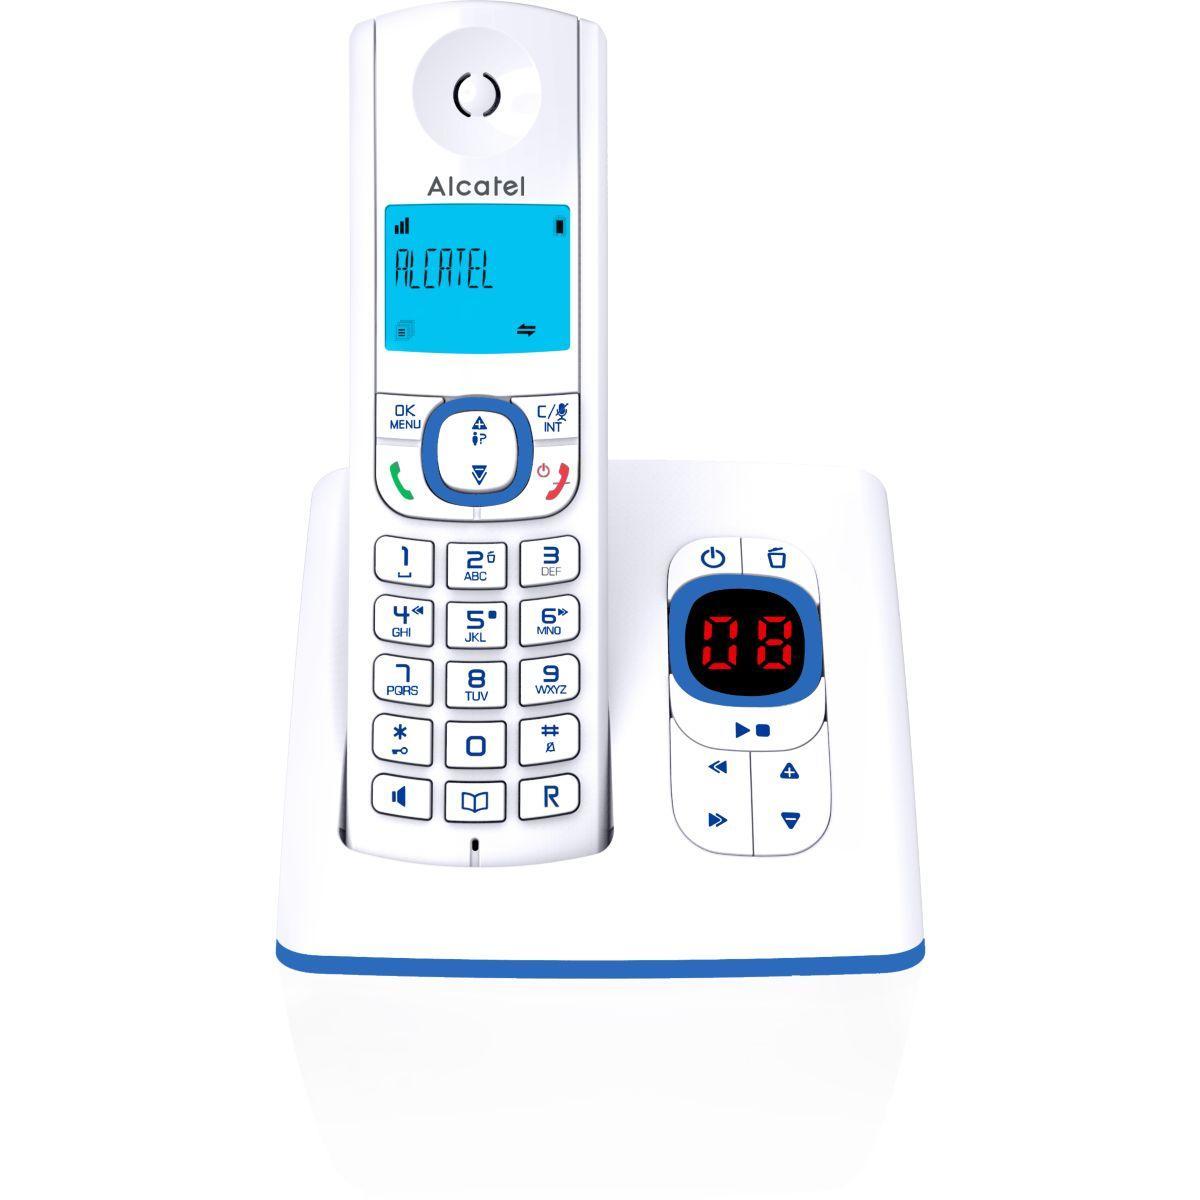 T�l�phone sans fil alcatel f530 voice solo bleu - 2% de remise imm�diate avec le code : automne2 (photo)